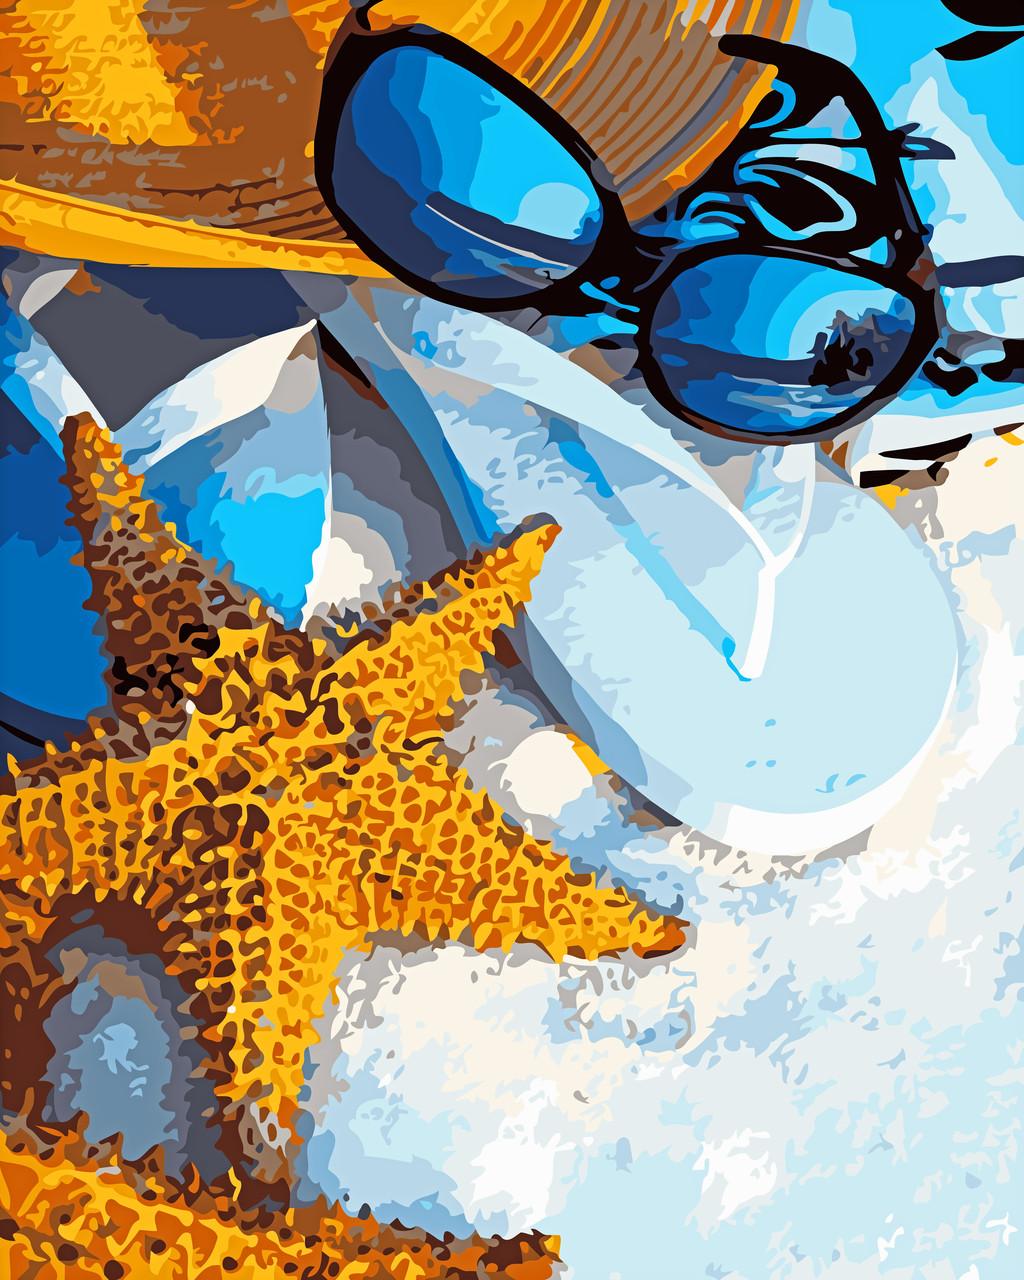 Художественный творческий набор, картина по номерам Летний отпуск, 40x50 см, «Art Story» (AS0584)